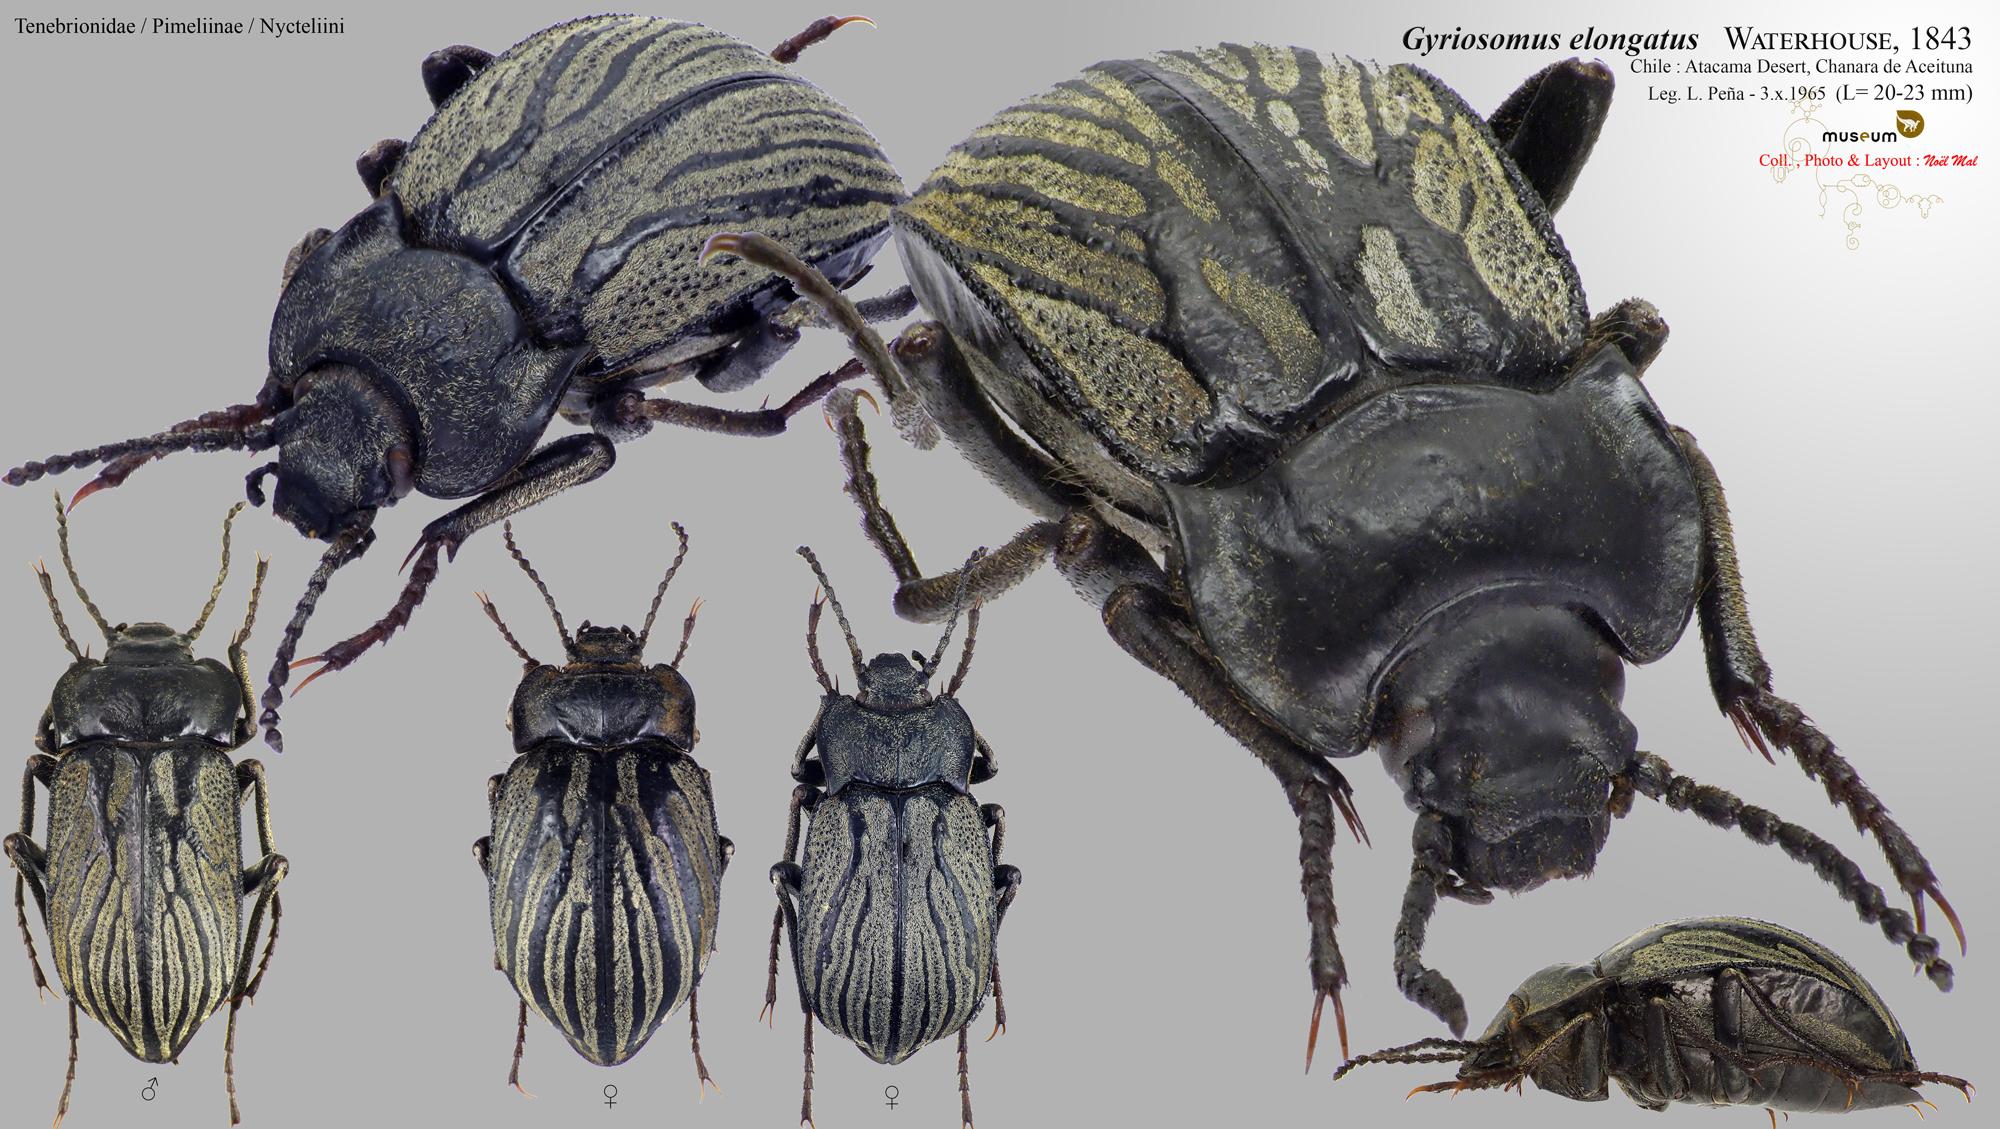 Gyriosomus elongatus.jpg